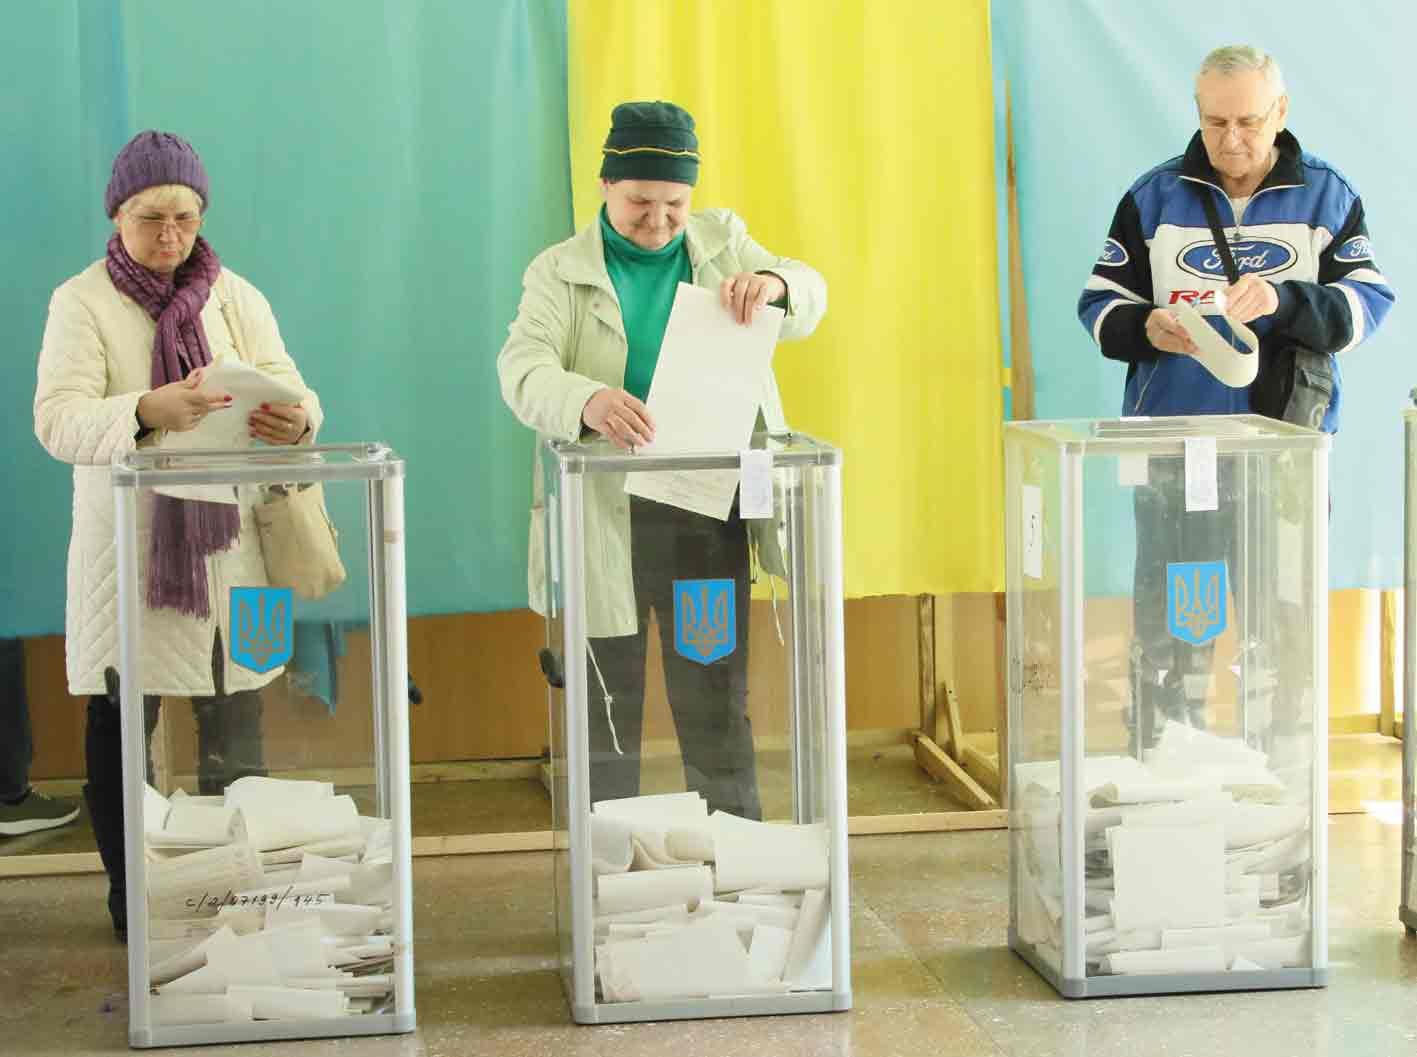 Чому область Президента проголосувала за Зеленського. Порошенко – 2-й. Тимошенко – 3-я. Феномен Ляшка – він 4-й на Вінниччині